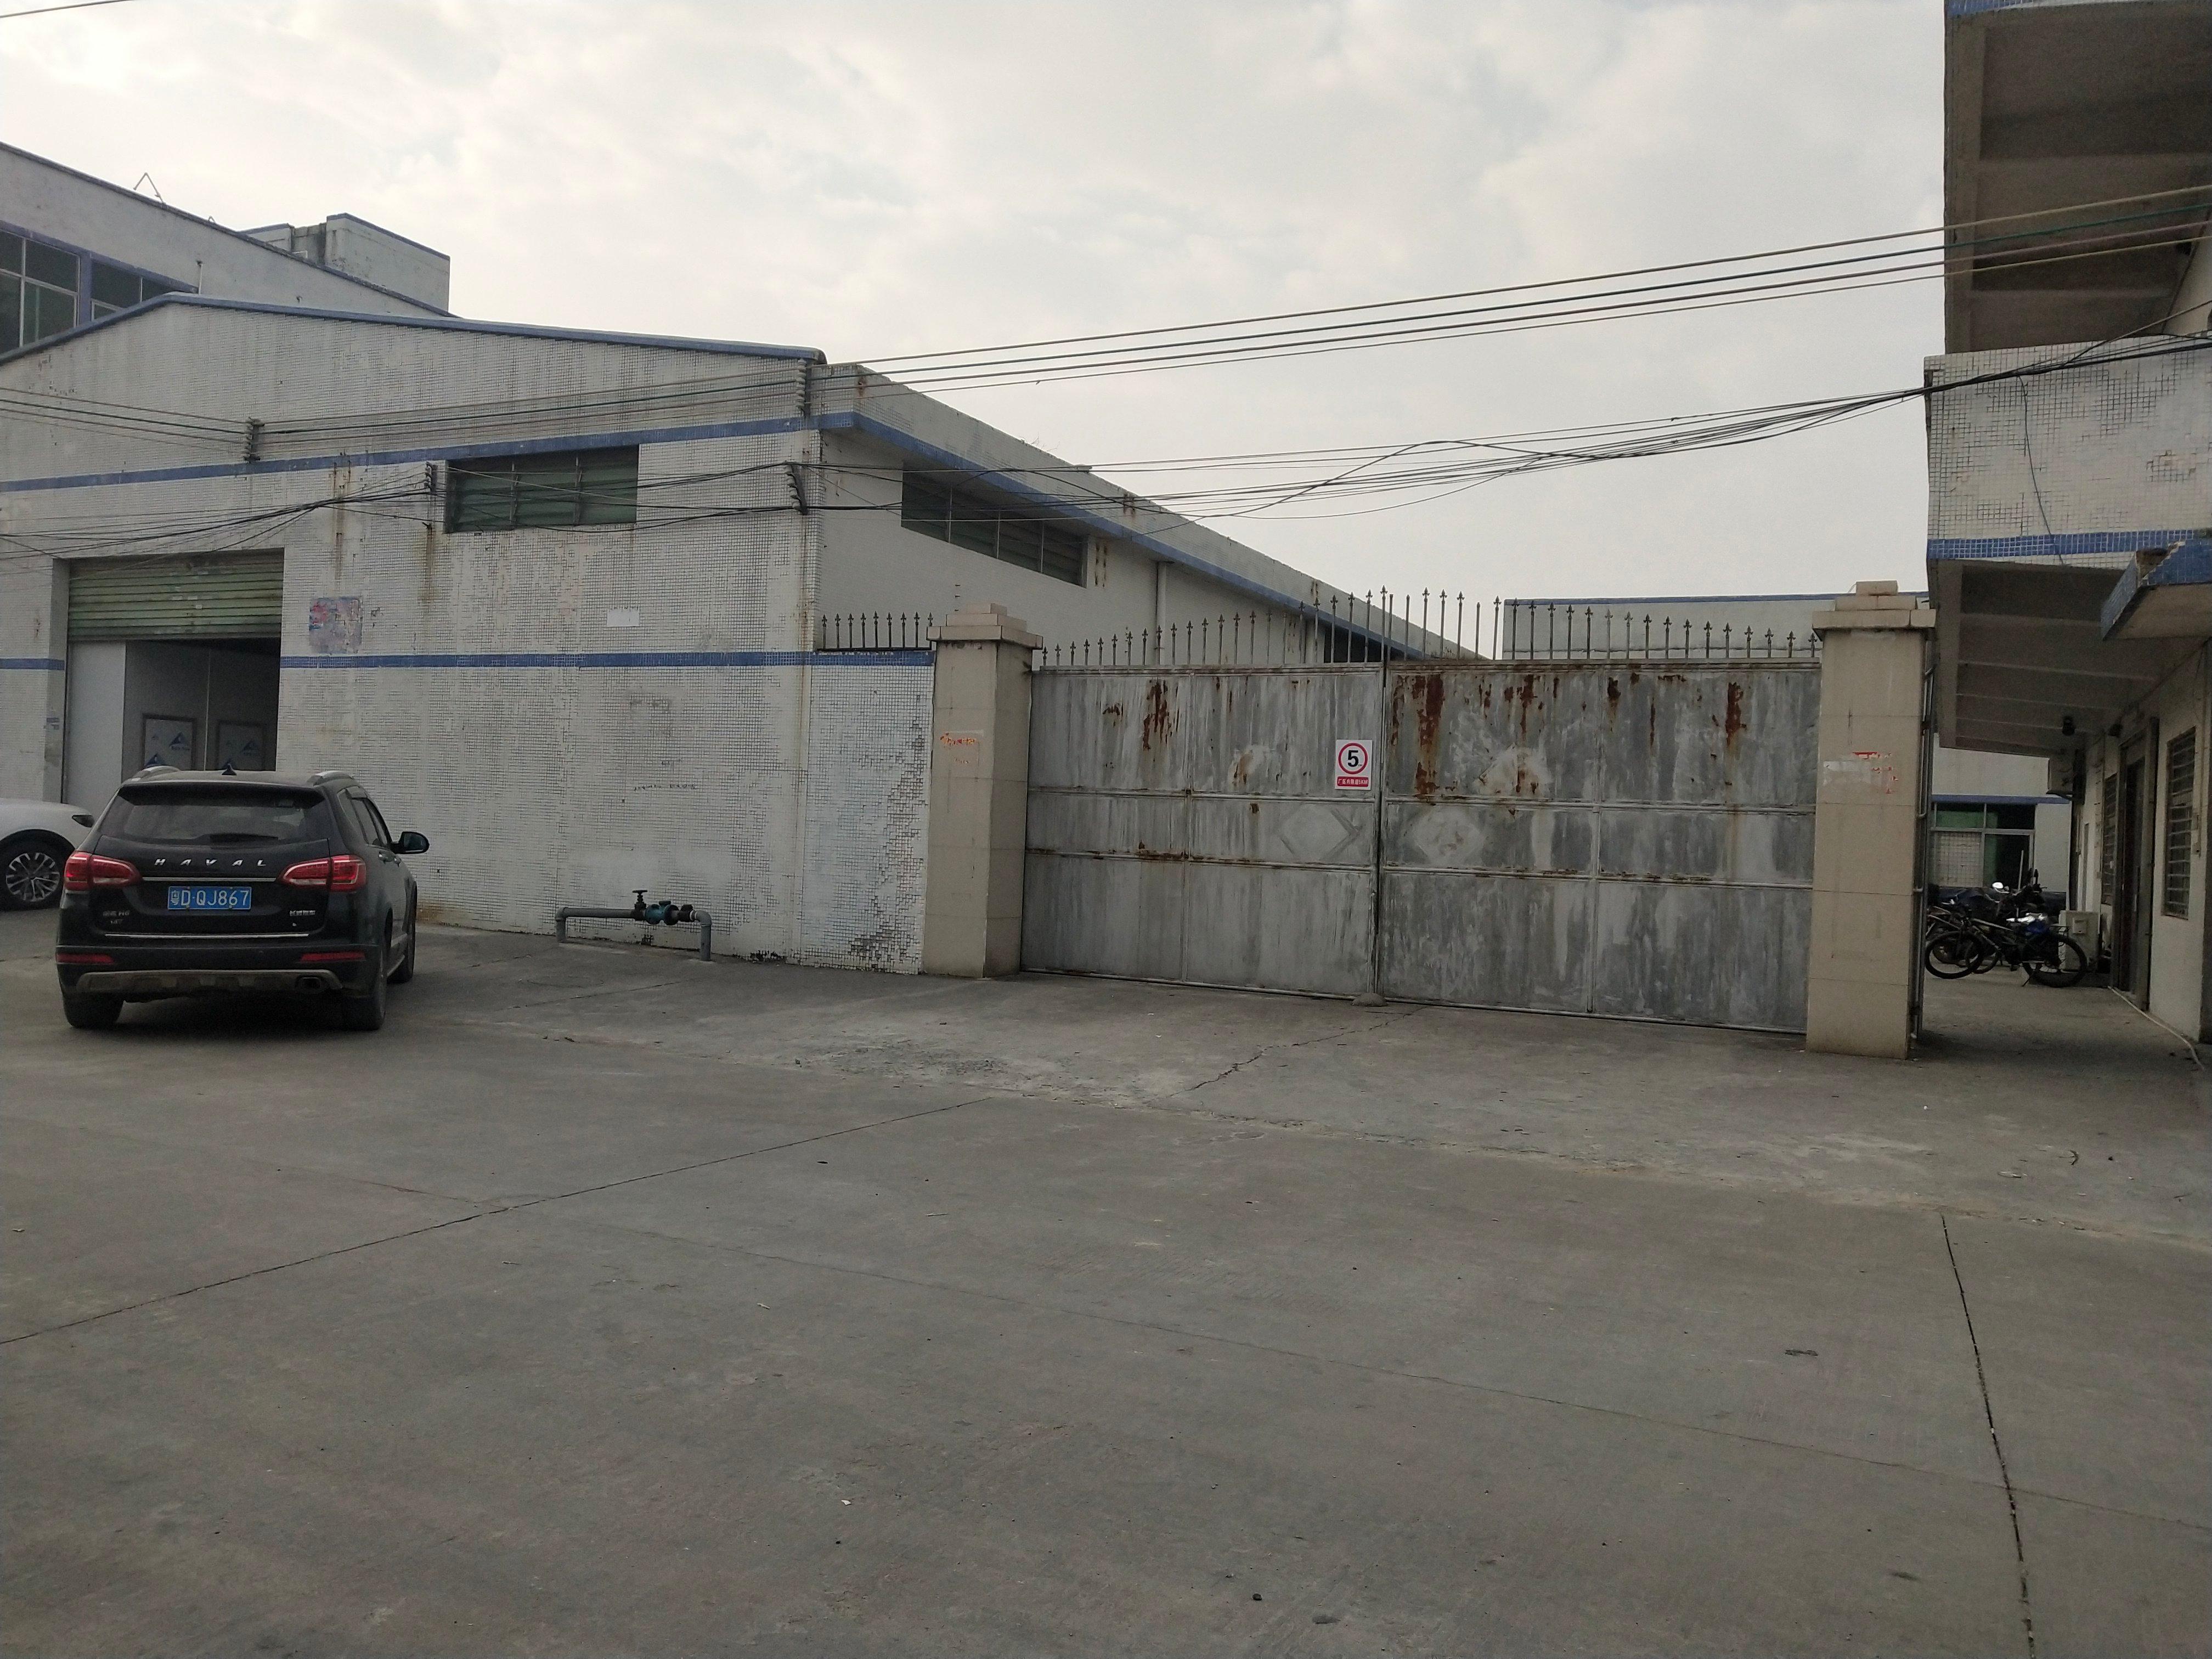 福田镇324国道旁边原房东砖墙到顶单一层独院1700平方出租